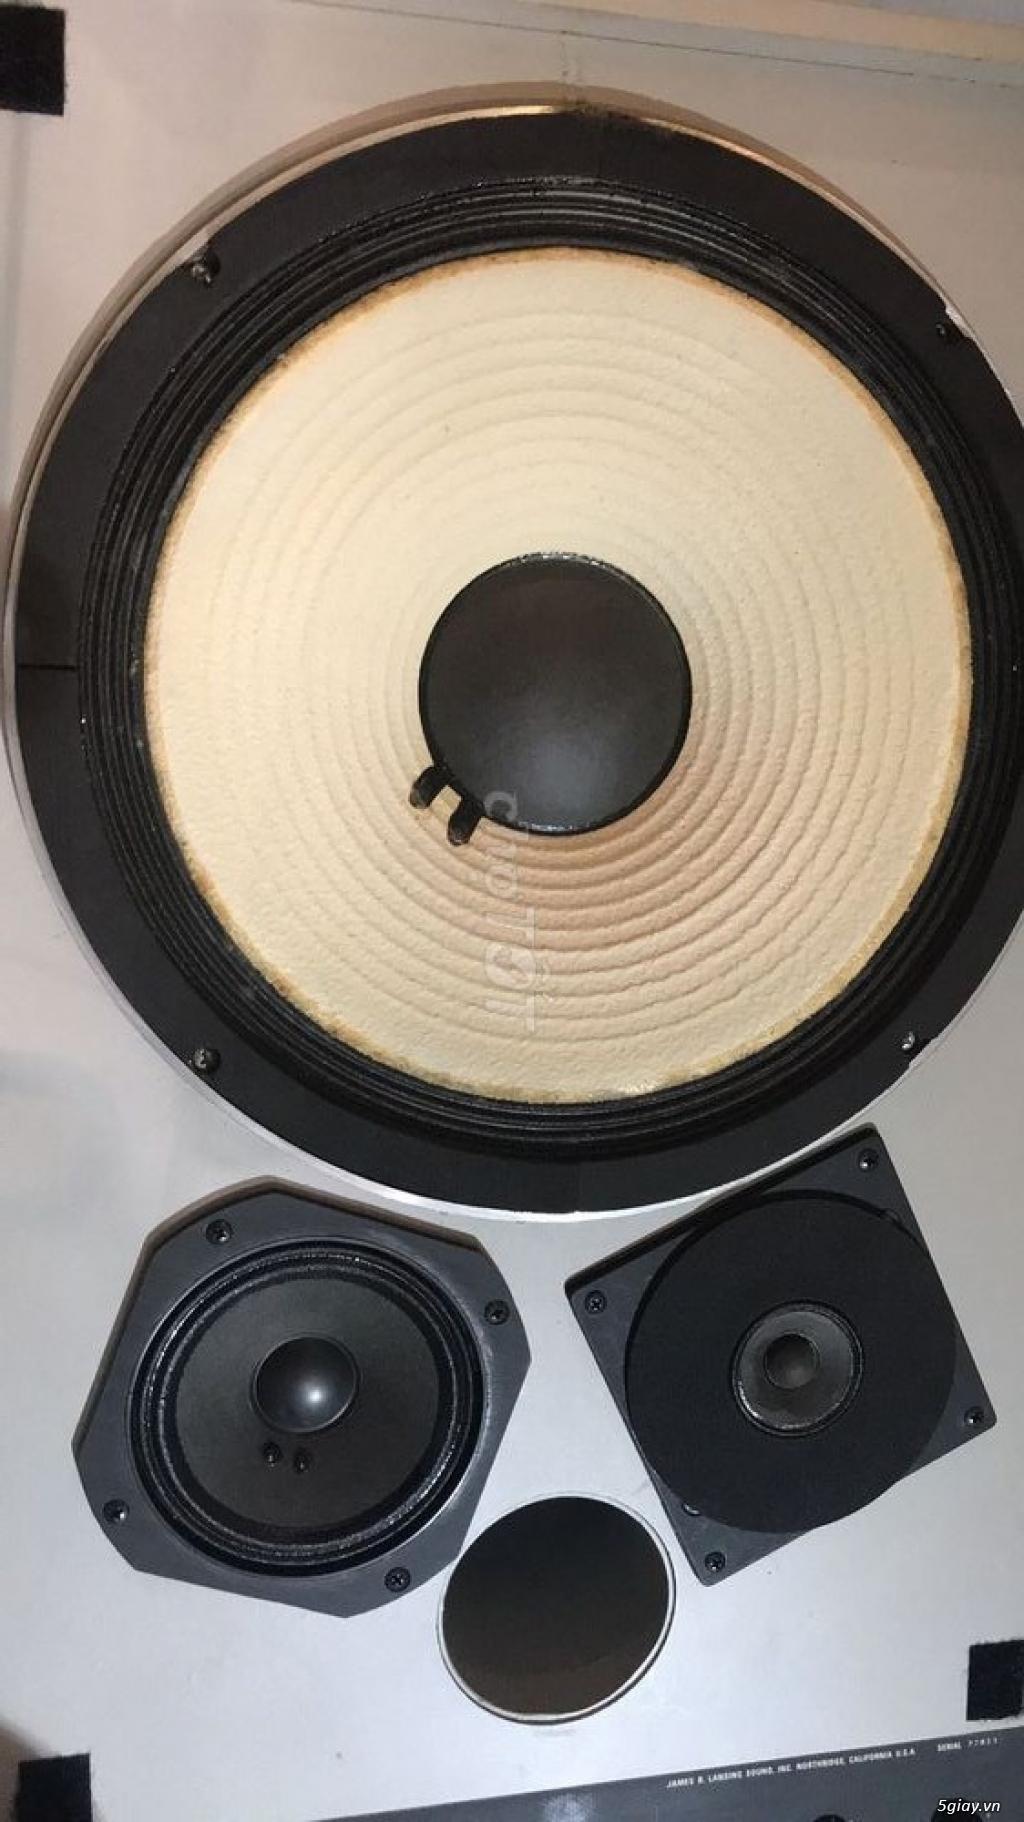 Loa JBL 4311b màu trắng Hiếm zin như mới - 3